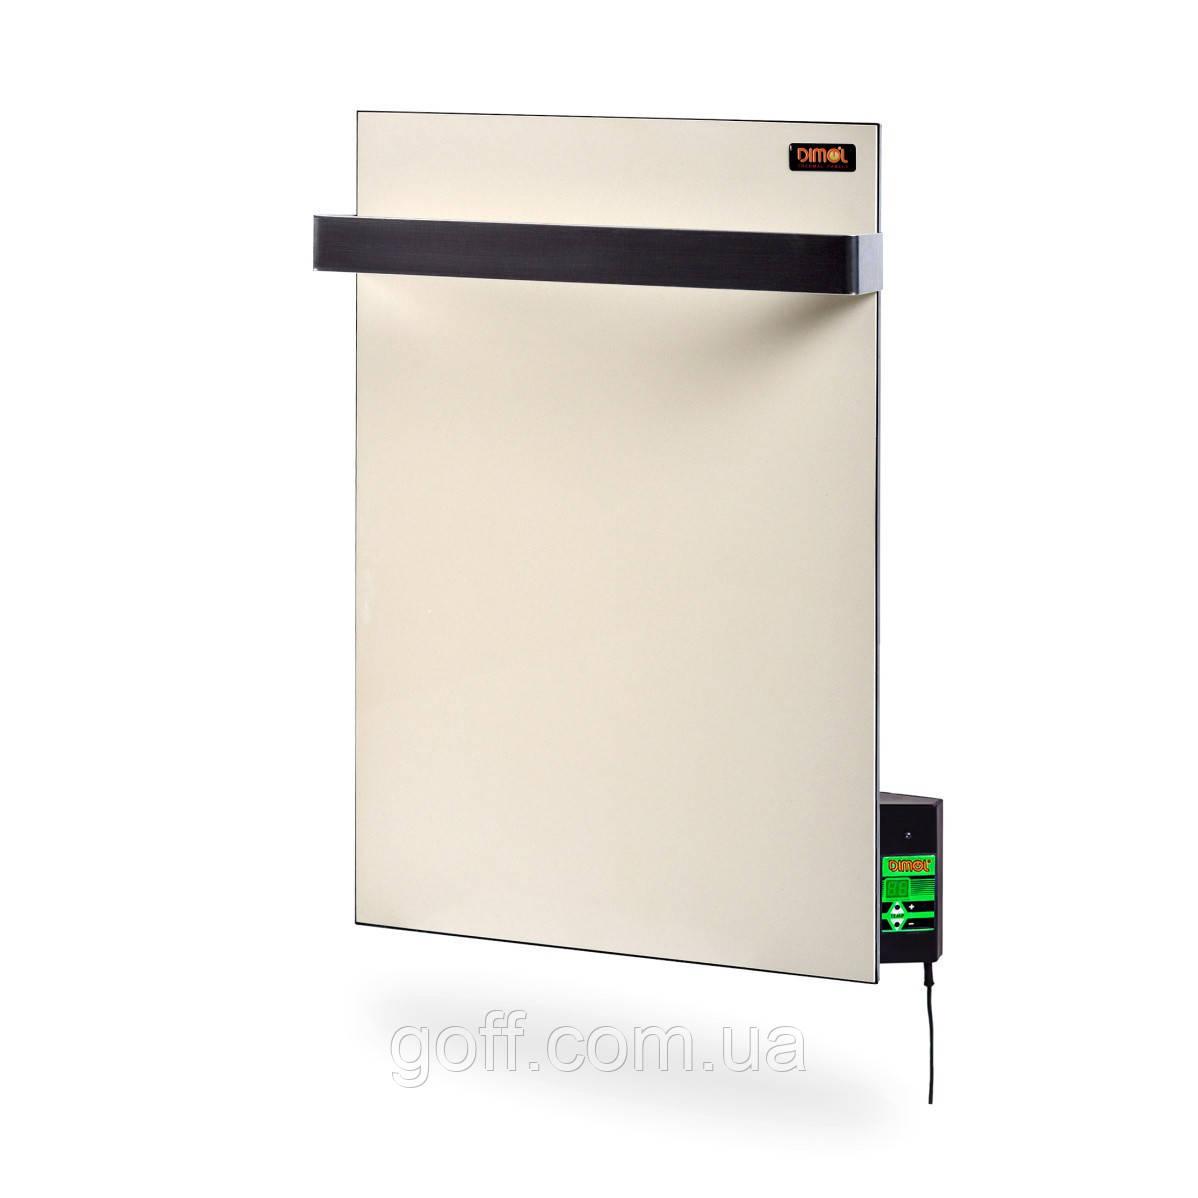 Керамический полотенцесушитель Dimol Mini 07 с терморегулятором (кремо